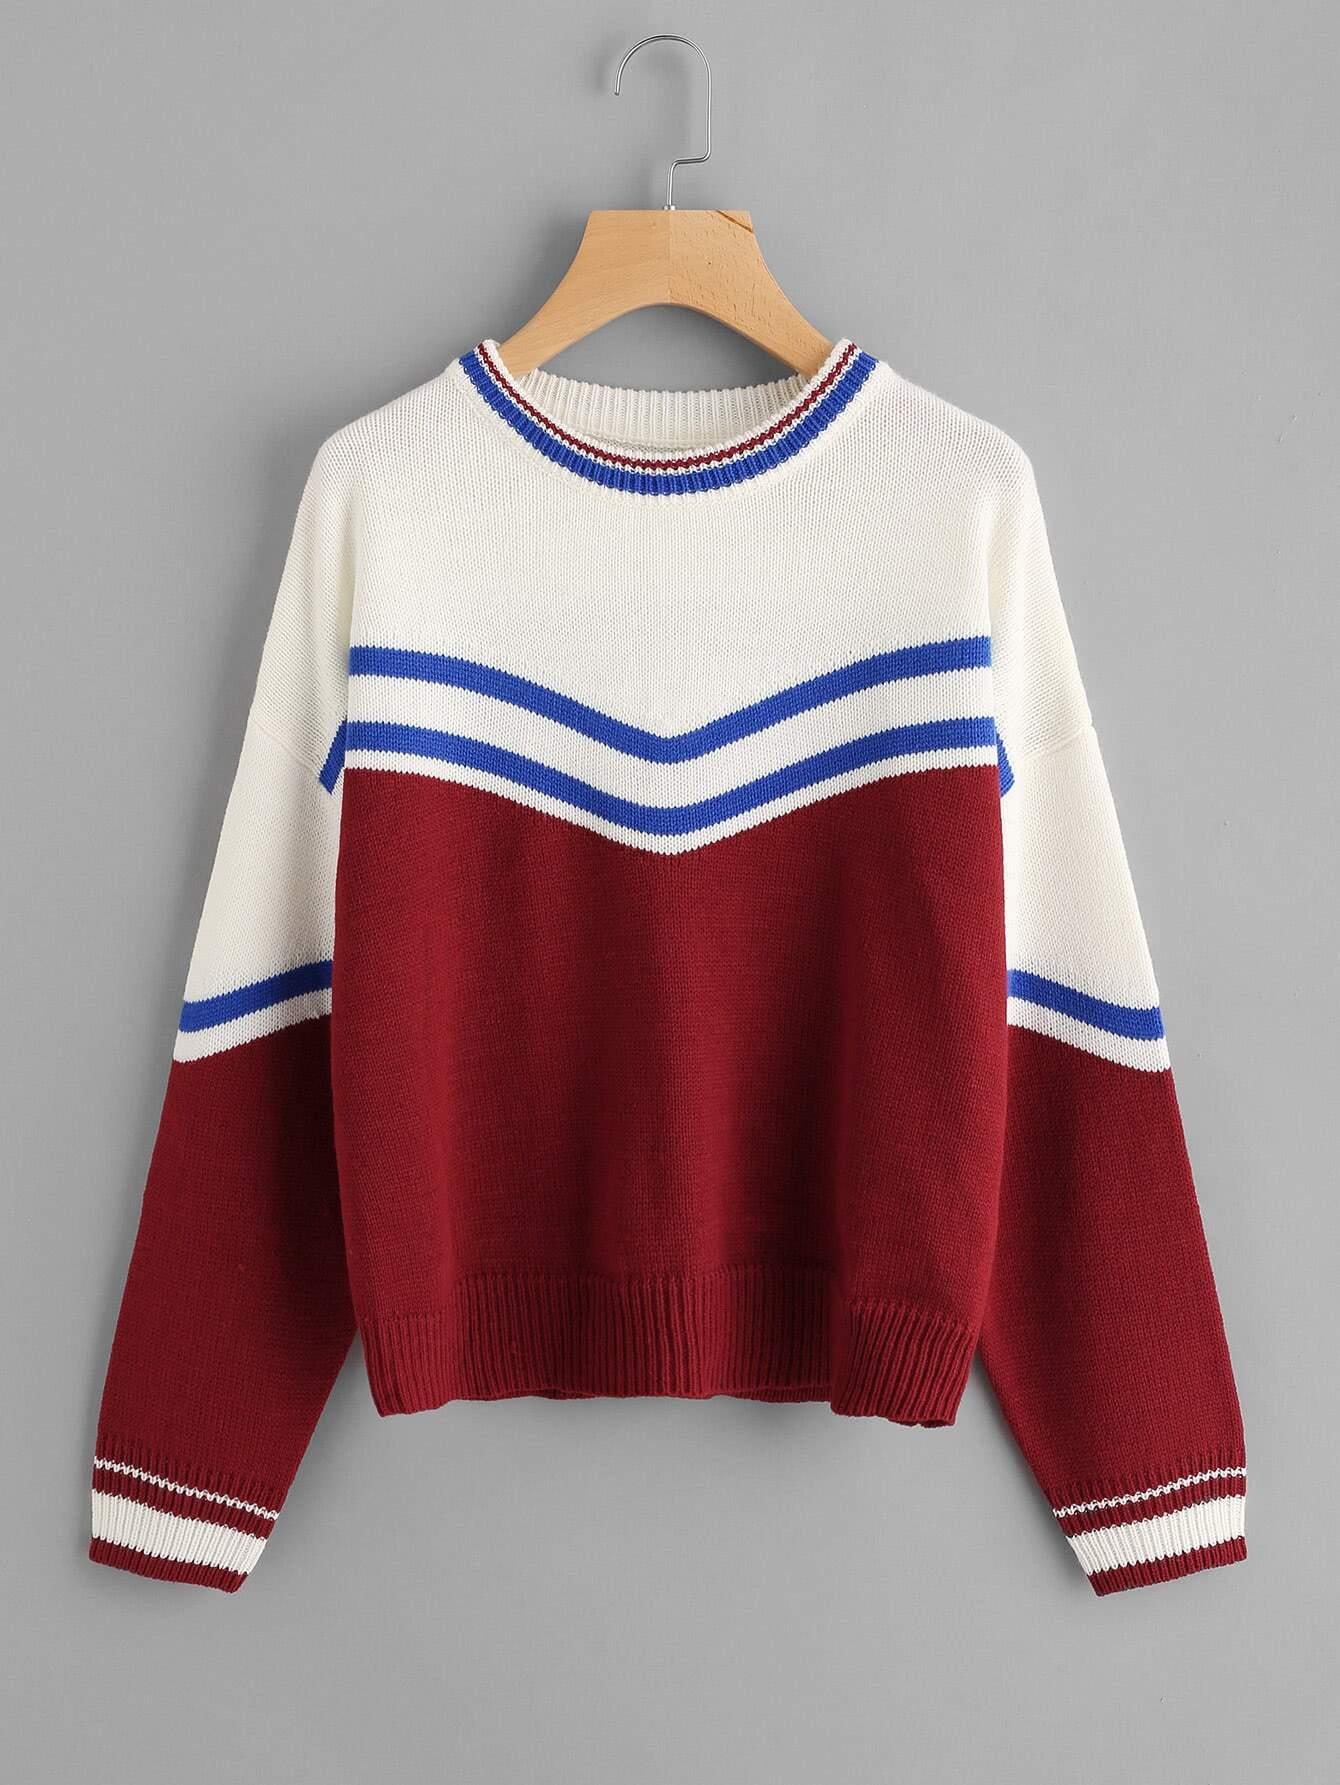 Ribbed Trim Striped Jumper sweater170824468